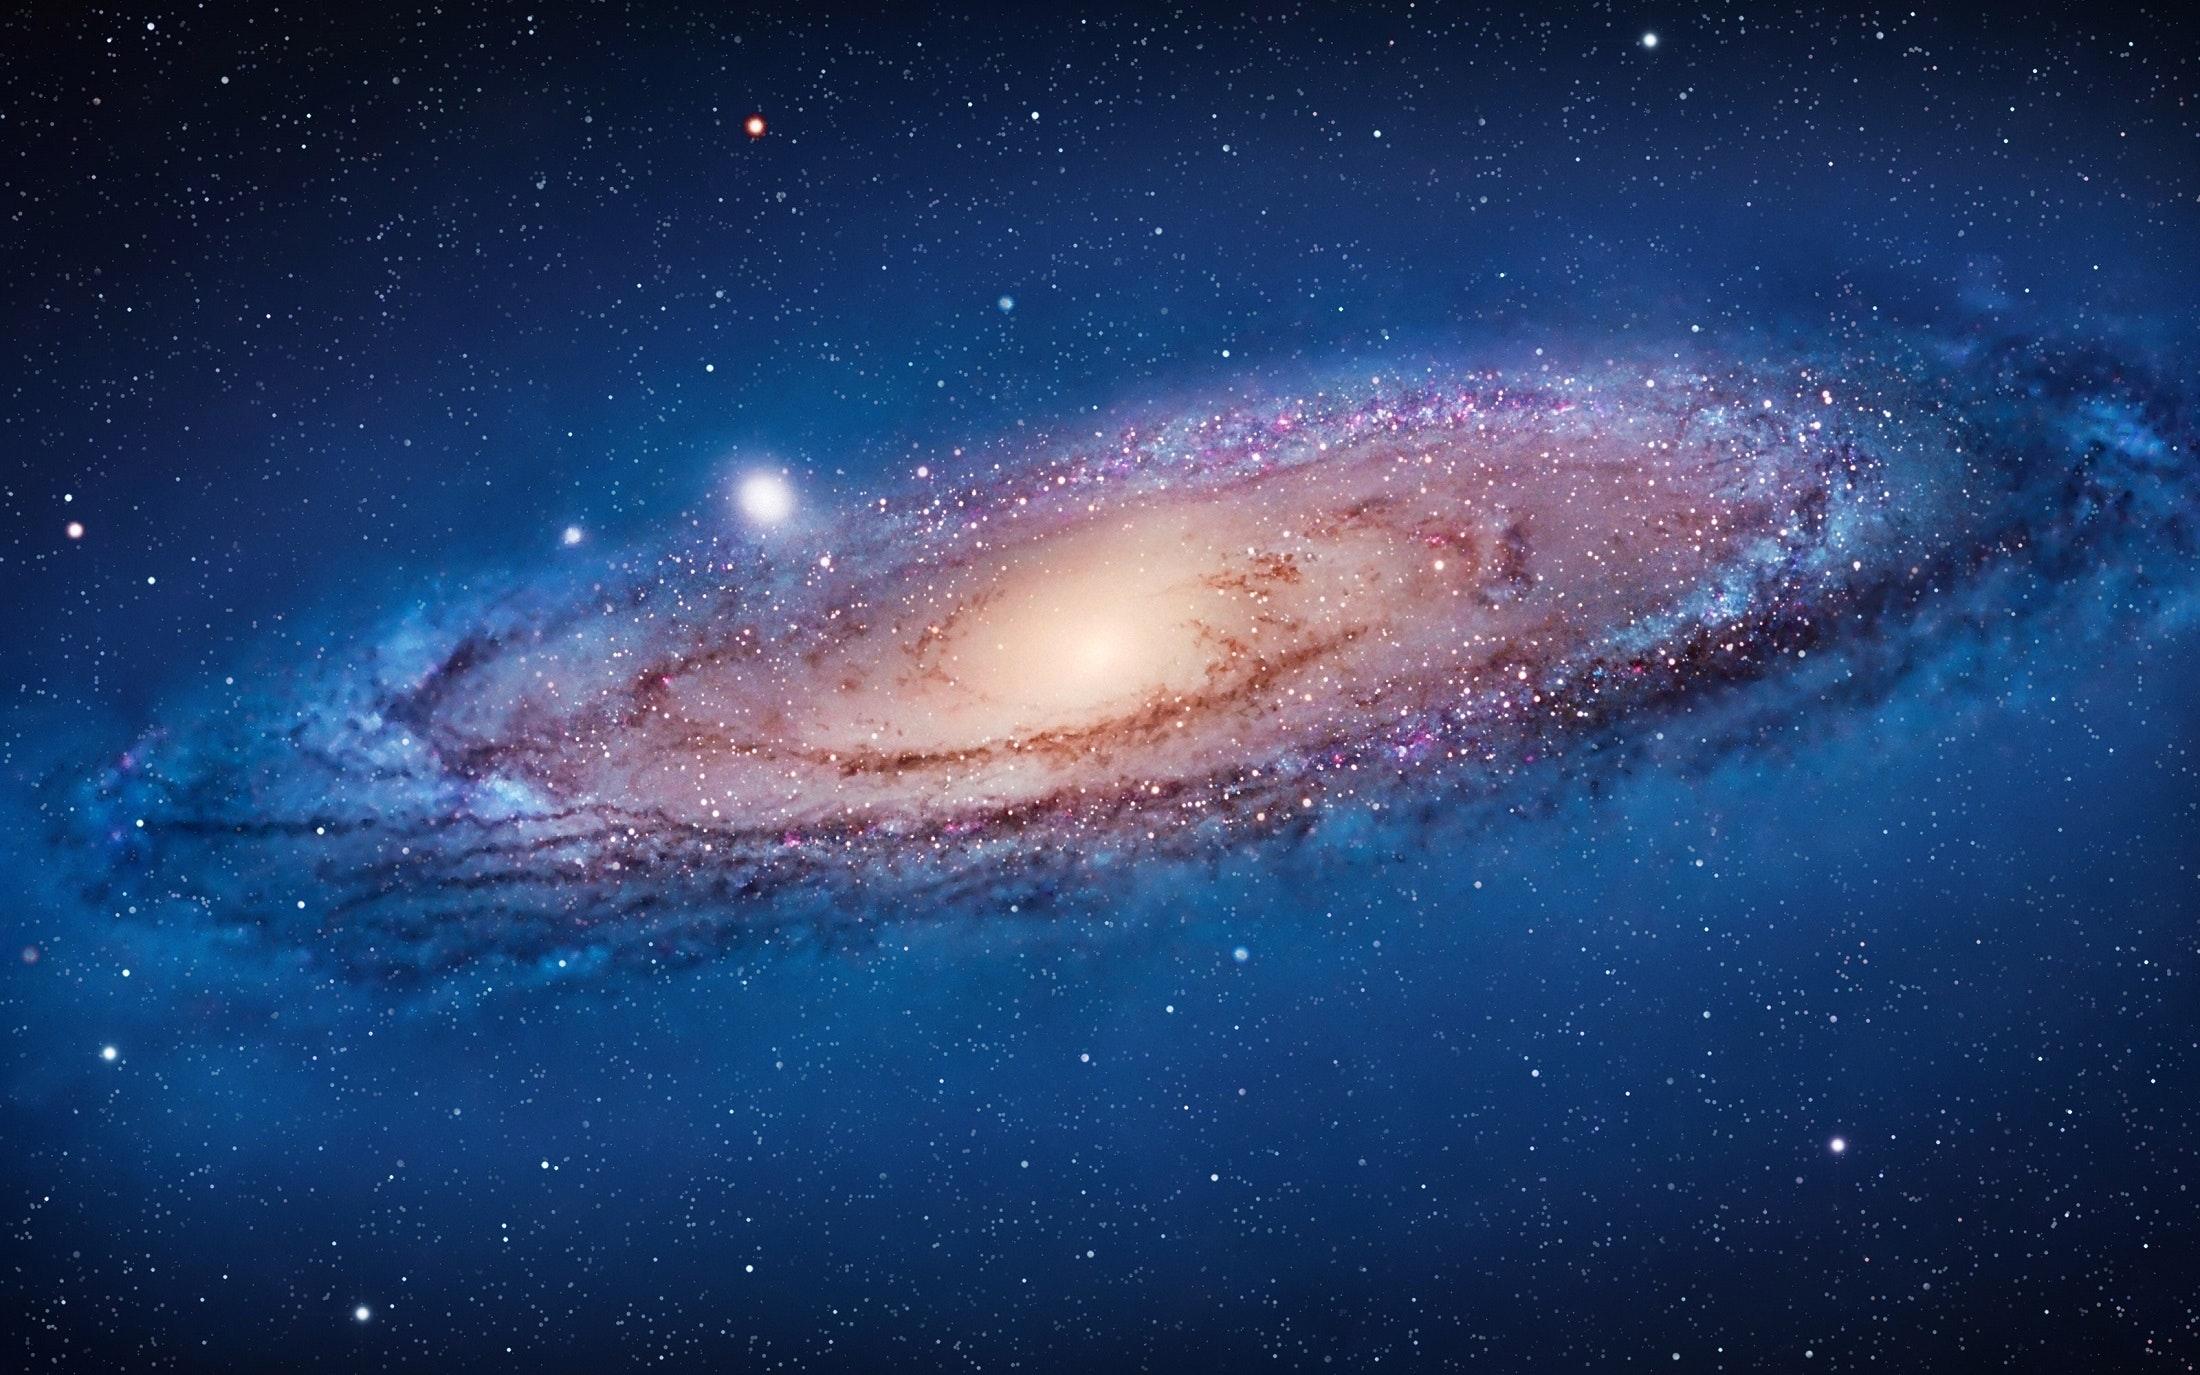 andromeda-galaxy-cosmos-dust-262806